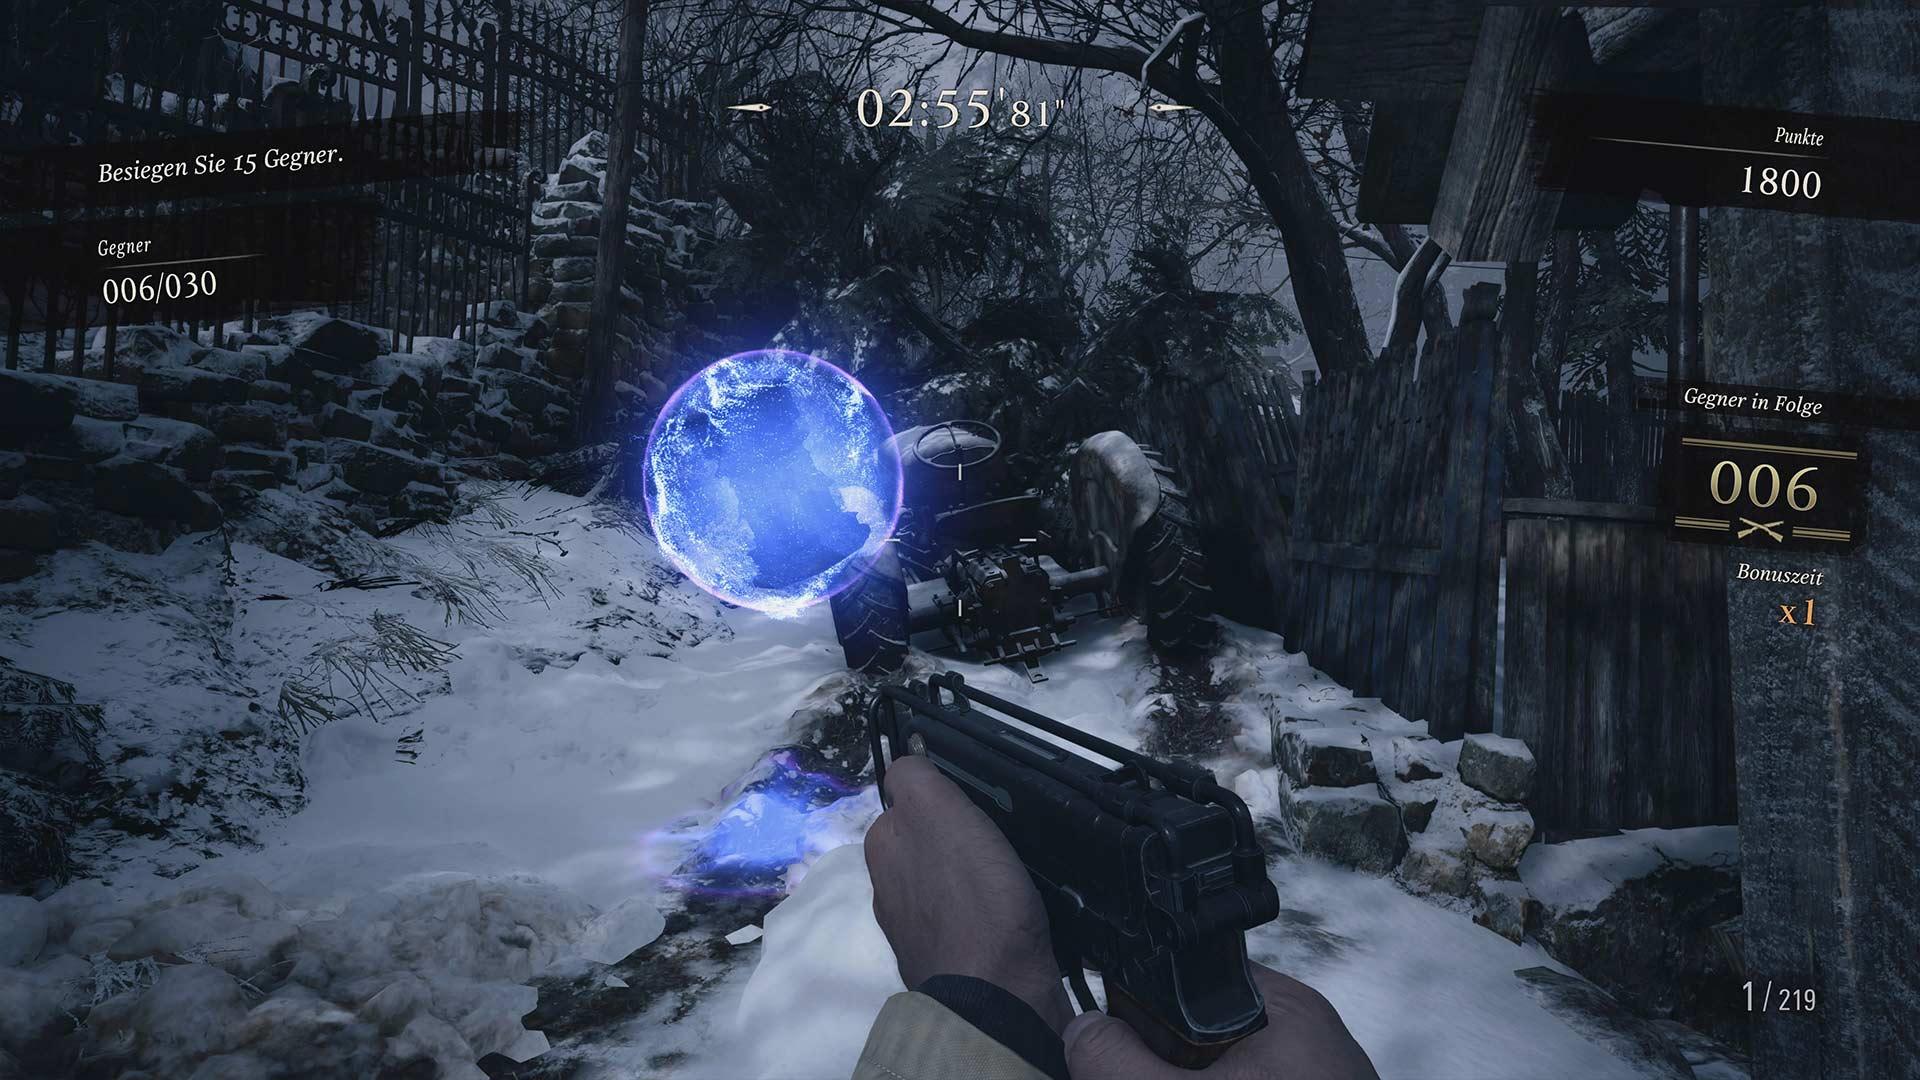 Resident Evil 8 - Blaue Kugel